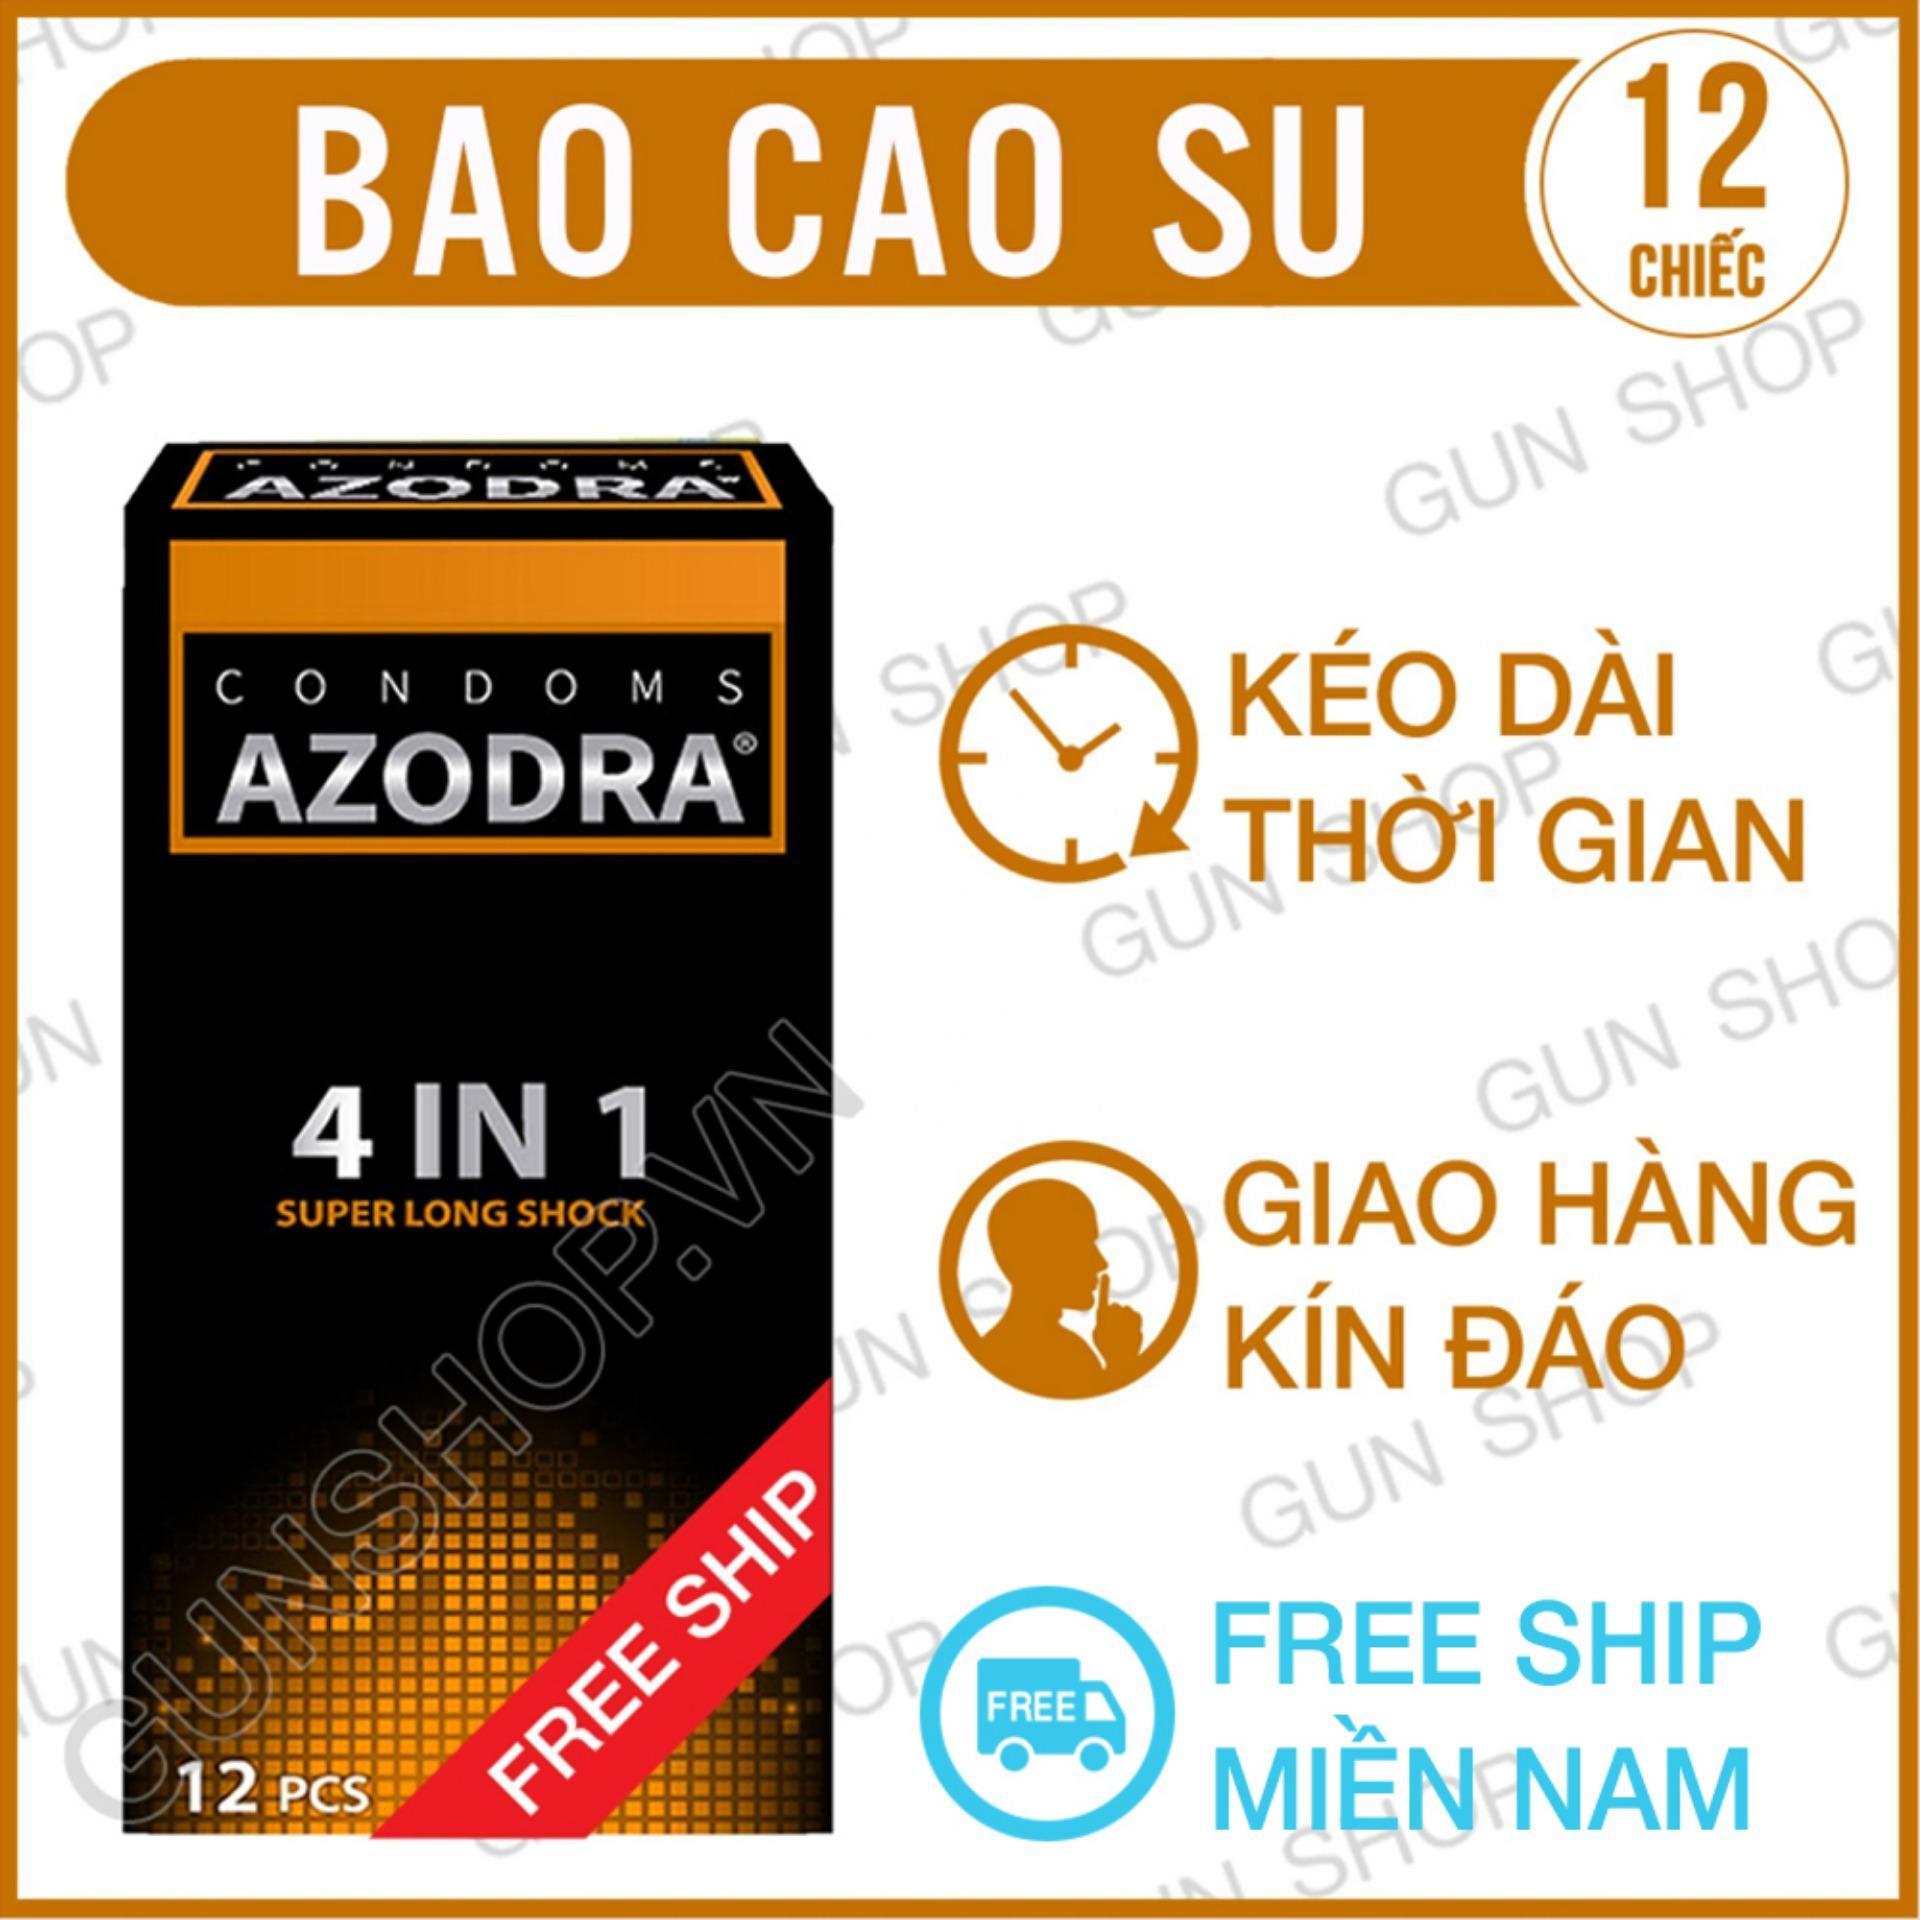 Hình ảnh [Freeship] Bao Cao Su Azodra Tổng Hợp Gân, Gai, Mỏng, Kéo Dài Thời Gian Quan Hệ ( hộp 12 chiếc ) - [ Gunshop-BCS01 ]